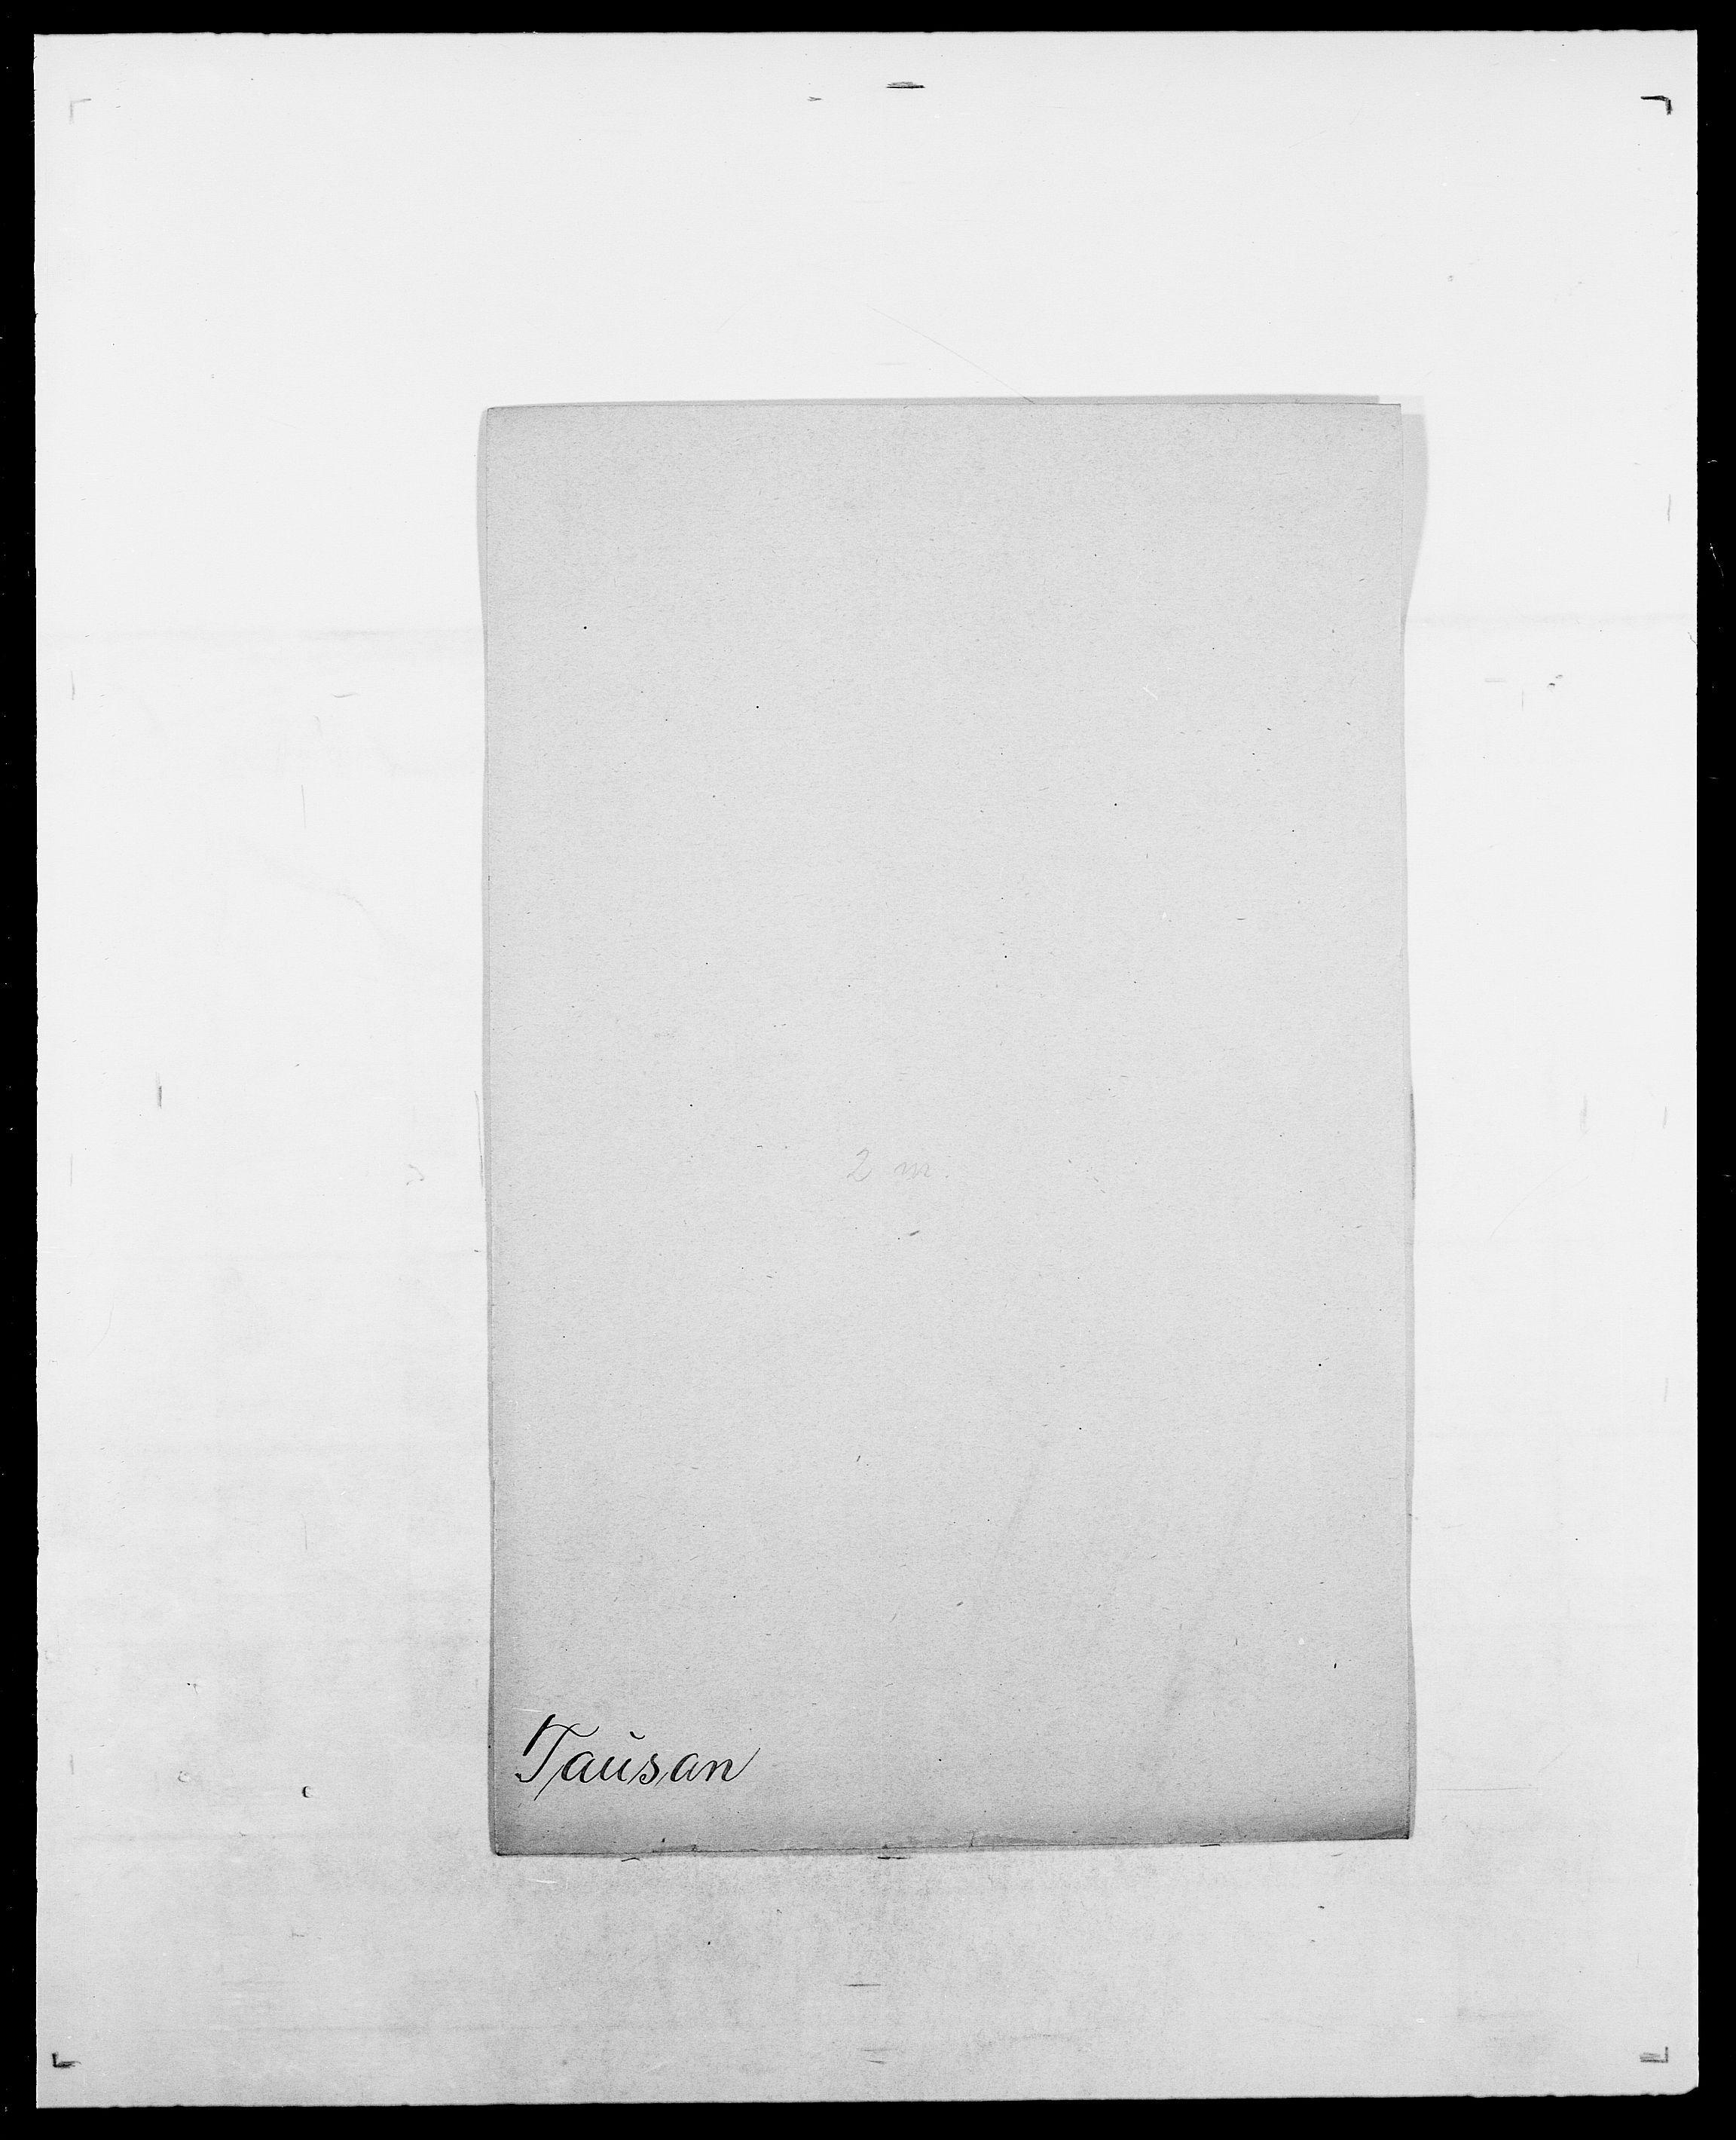 SAO, Delgobe, Charles Antoine - samling, D/Da/L0038: Svanenskjold - Thornsohn, s. 369